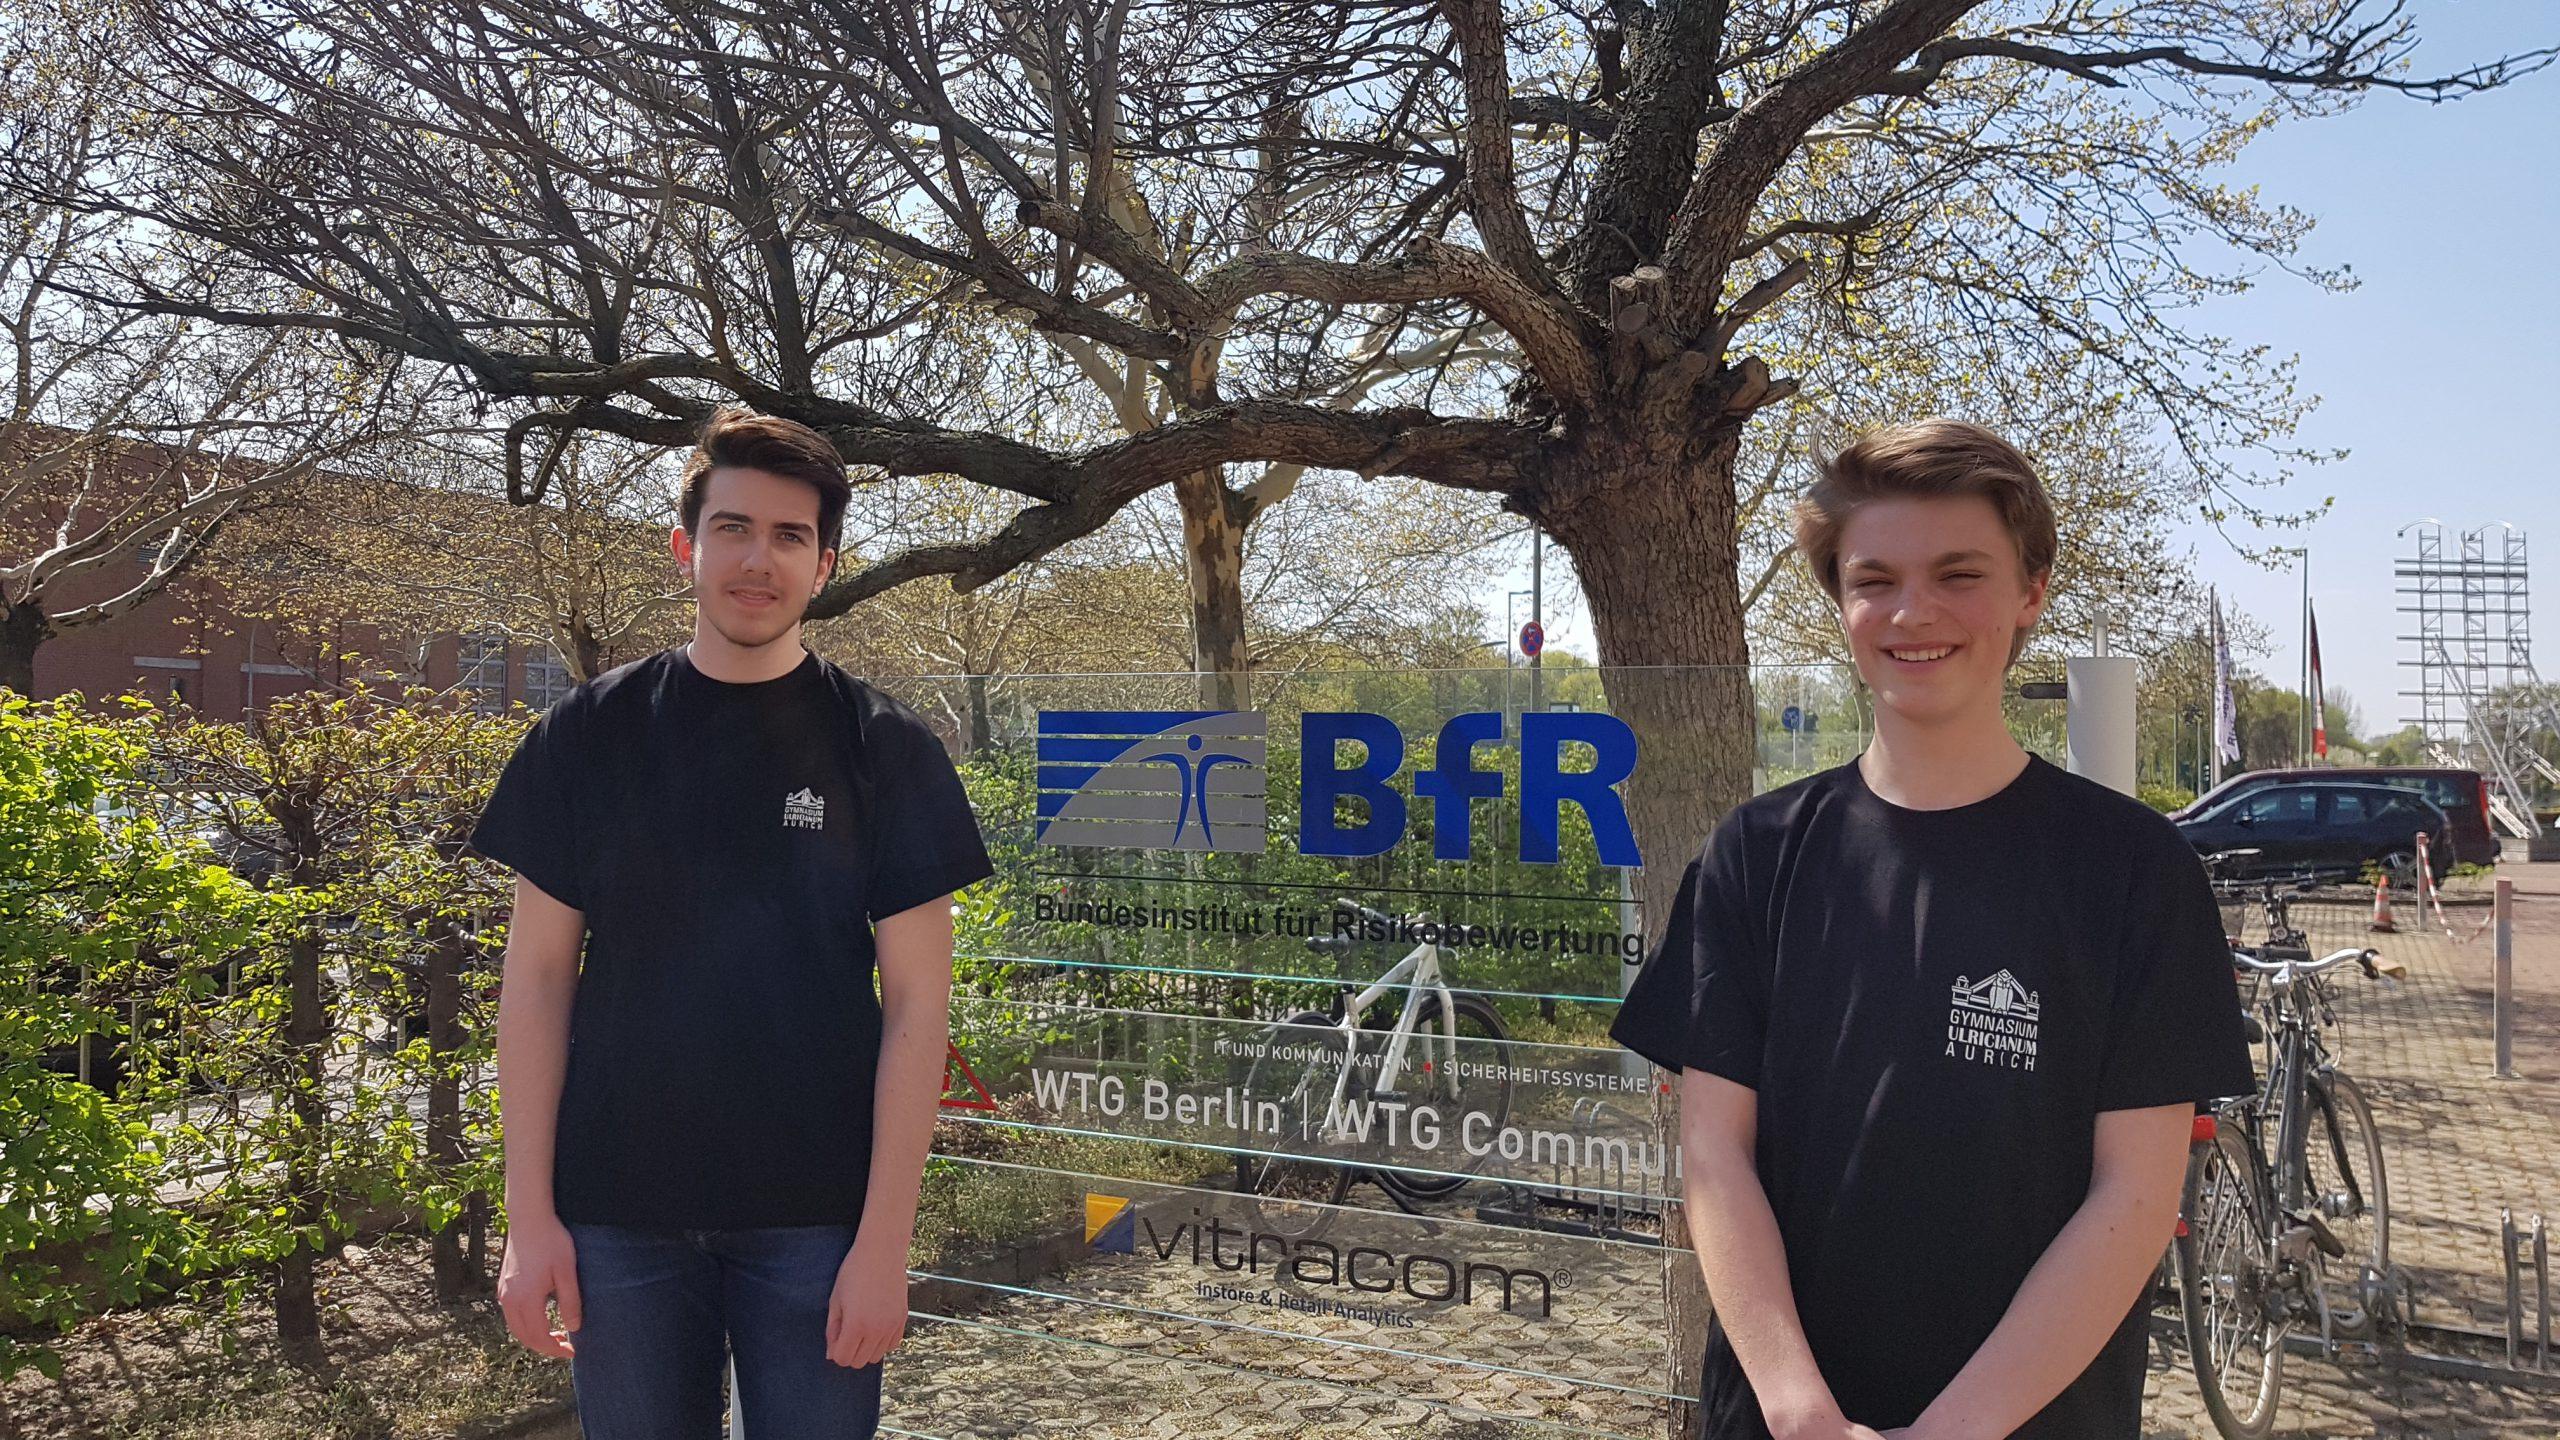 Paul Kuhn und Joost Jensen vor dem Logo des BfR